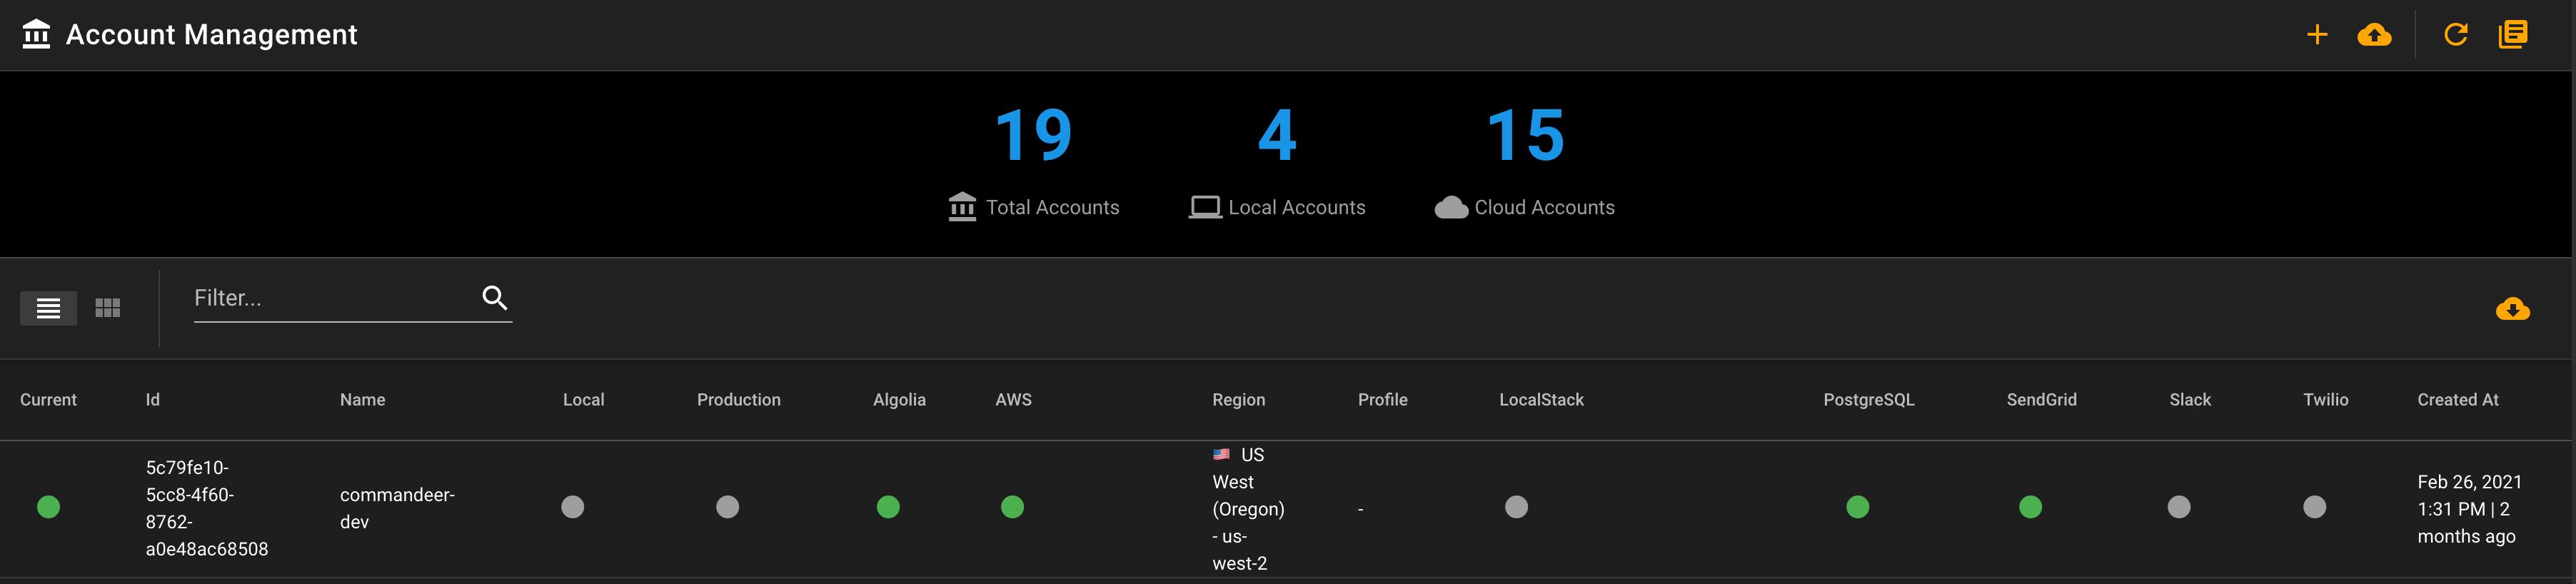 Commandeer Accounts Dashboard